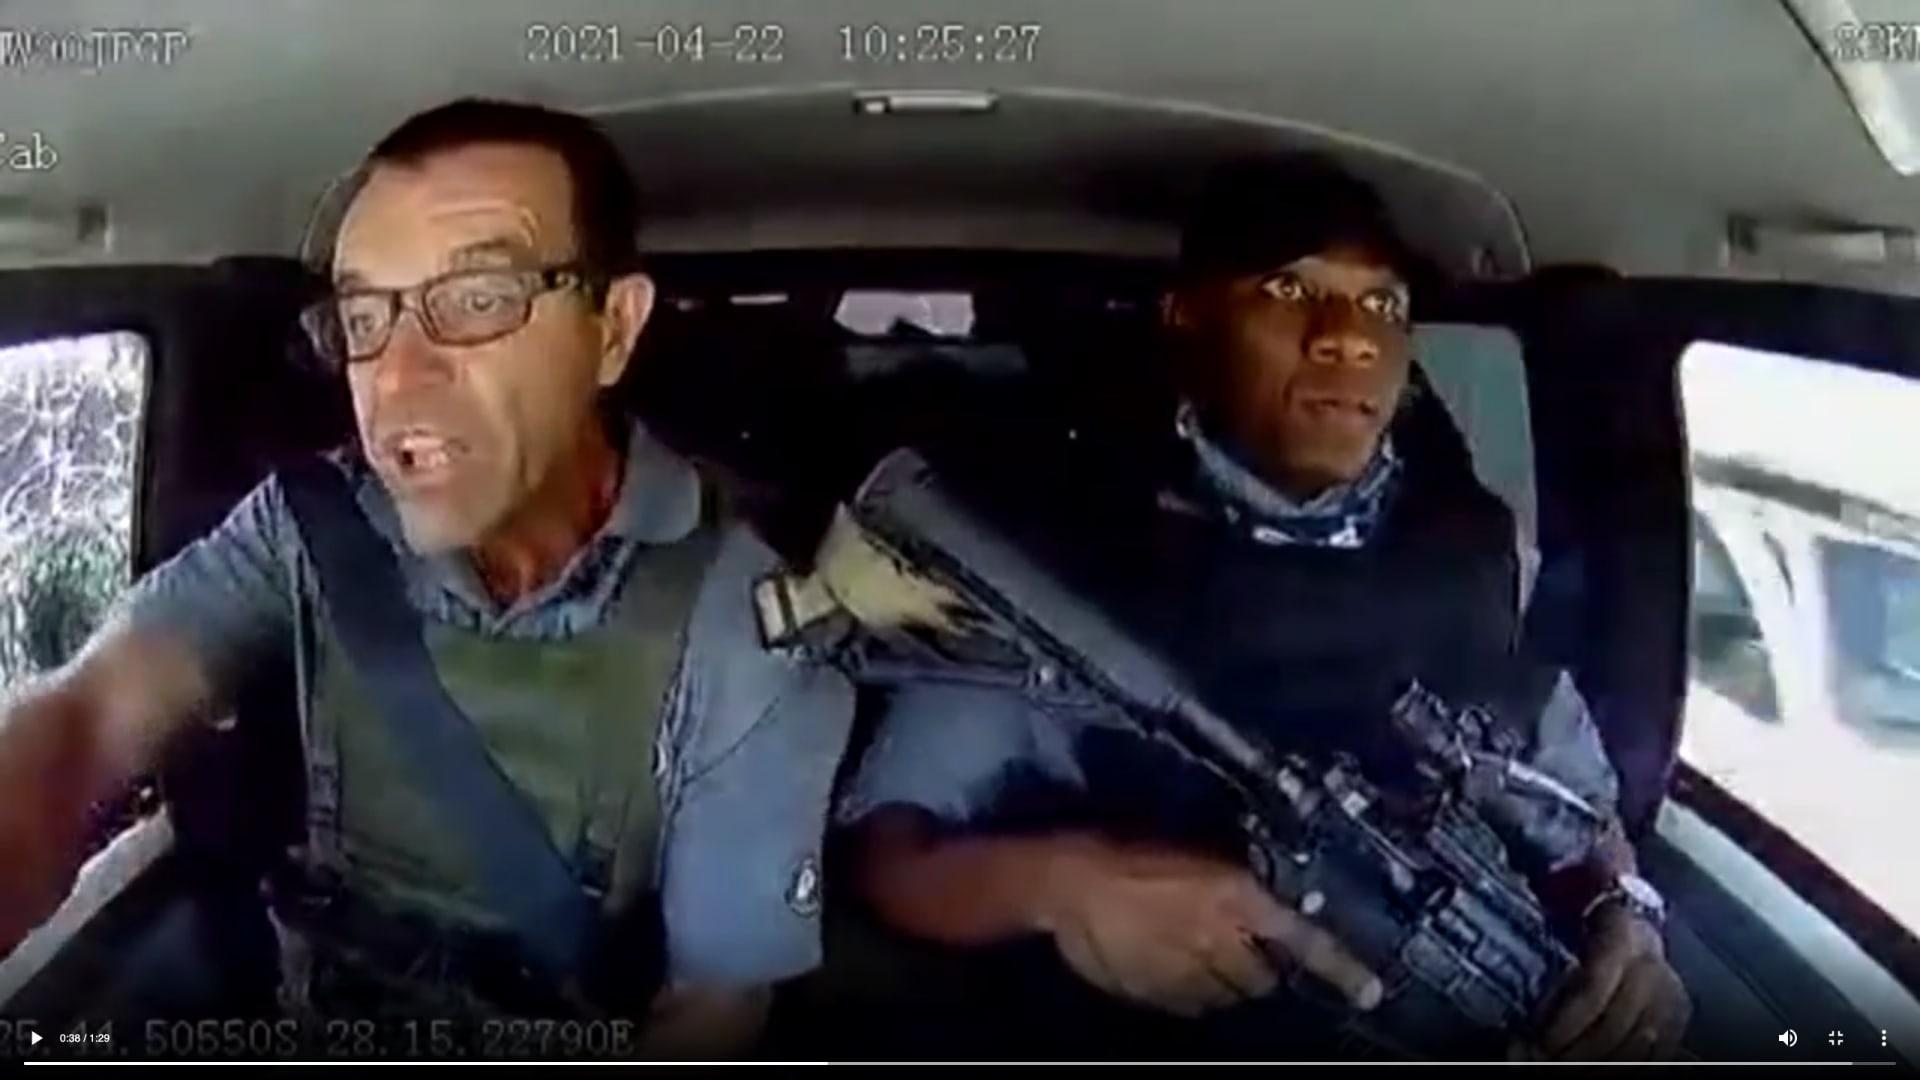 فيديو يُظهر لحظة تعرض عربة نقل أموال لكمين مسلح على طريق سريع.. وكيف نجت منه